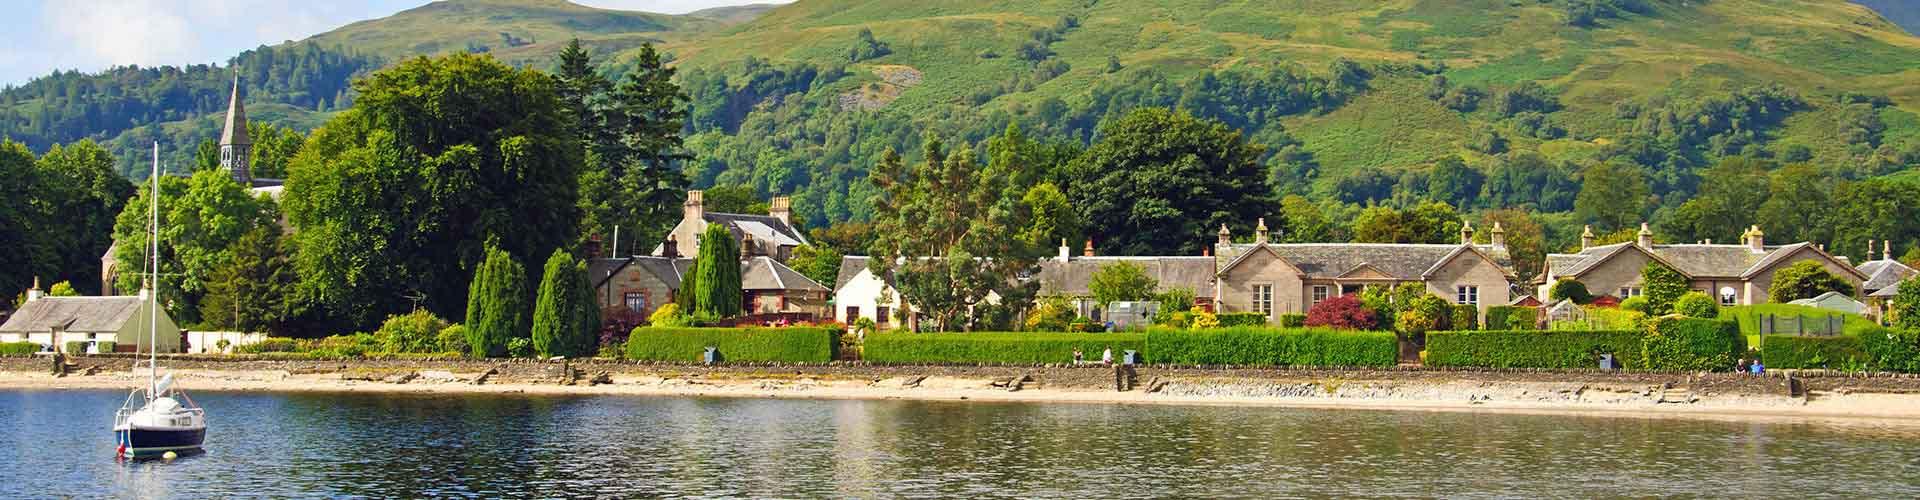 Loch Lomond - Chambres à Loch Lomond. Cartes pour Loch Lomond, photos et commentaires pour chaque chambre à Loch Lomond.